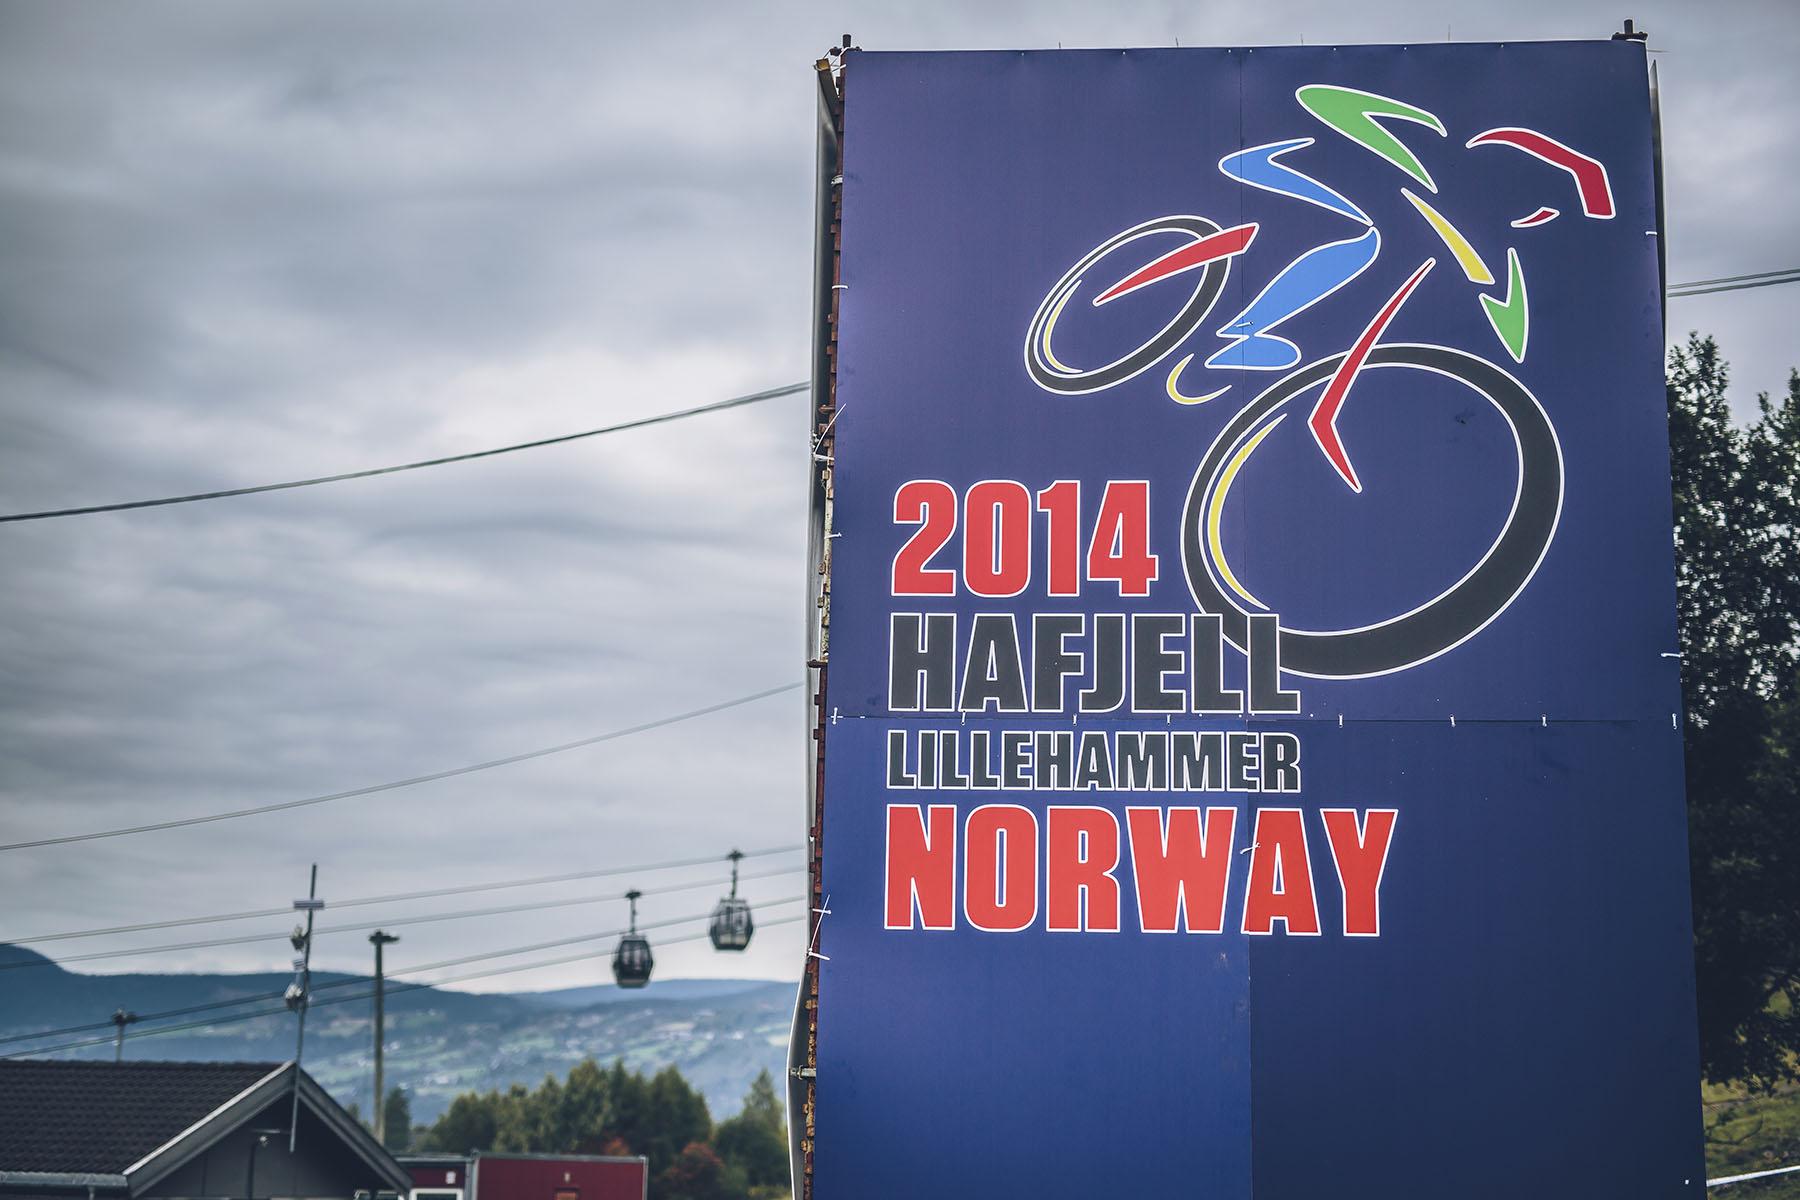 Guten Morgen und Hallo in Hafjell! Die Wolken verdunkelten den Himmel und die Sonne ließ sich nicht wirklich sehen. Da aber der Track ziemlich trocken war, boten sich perfekte Race-Bedingungen.